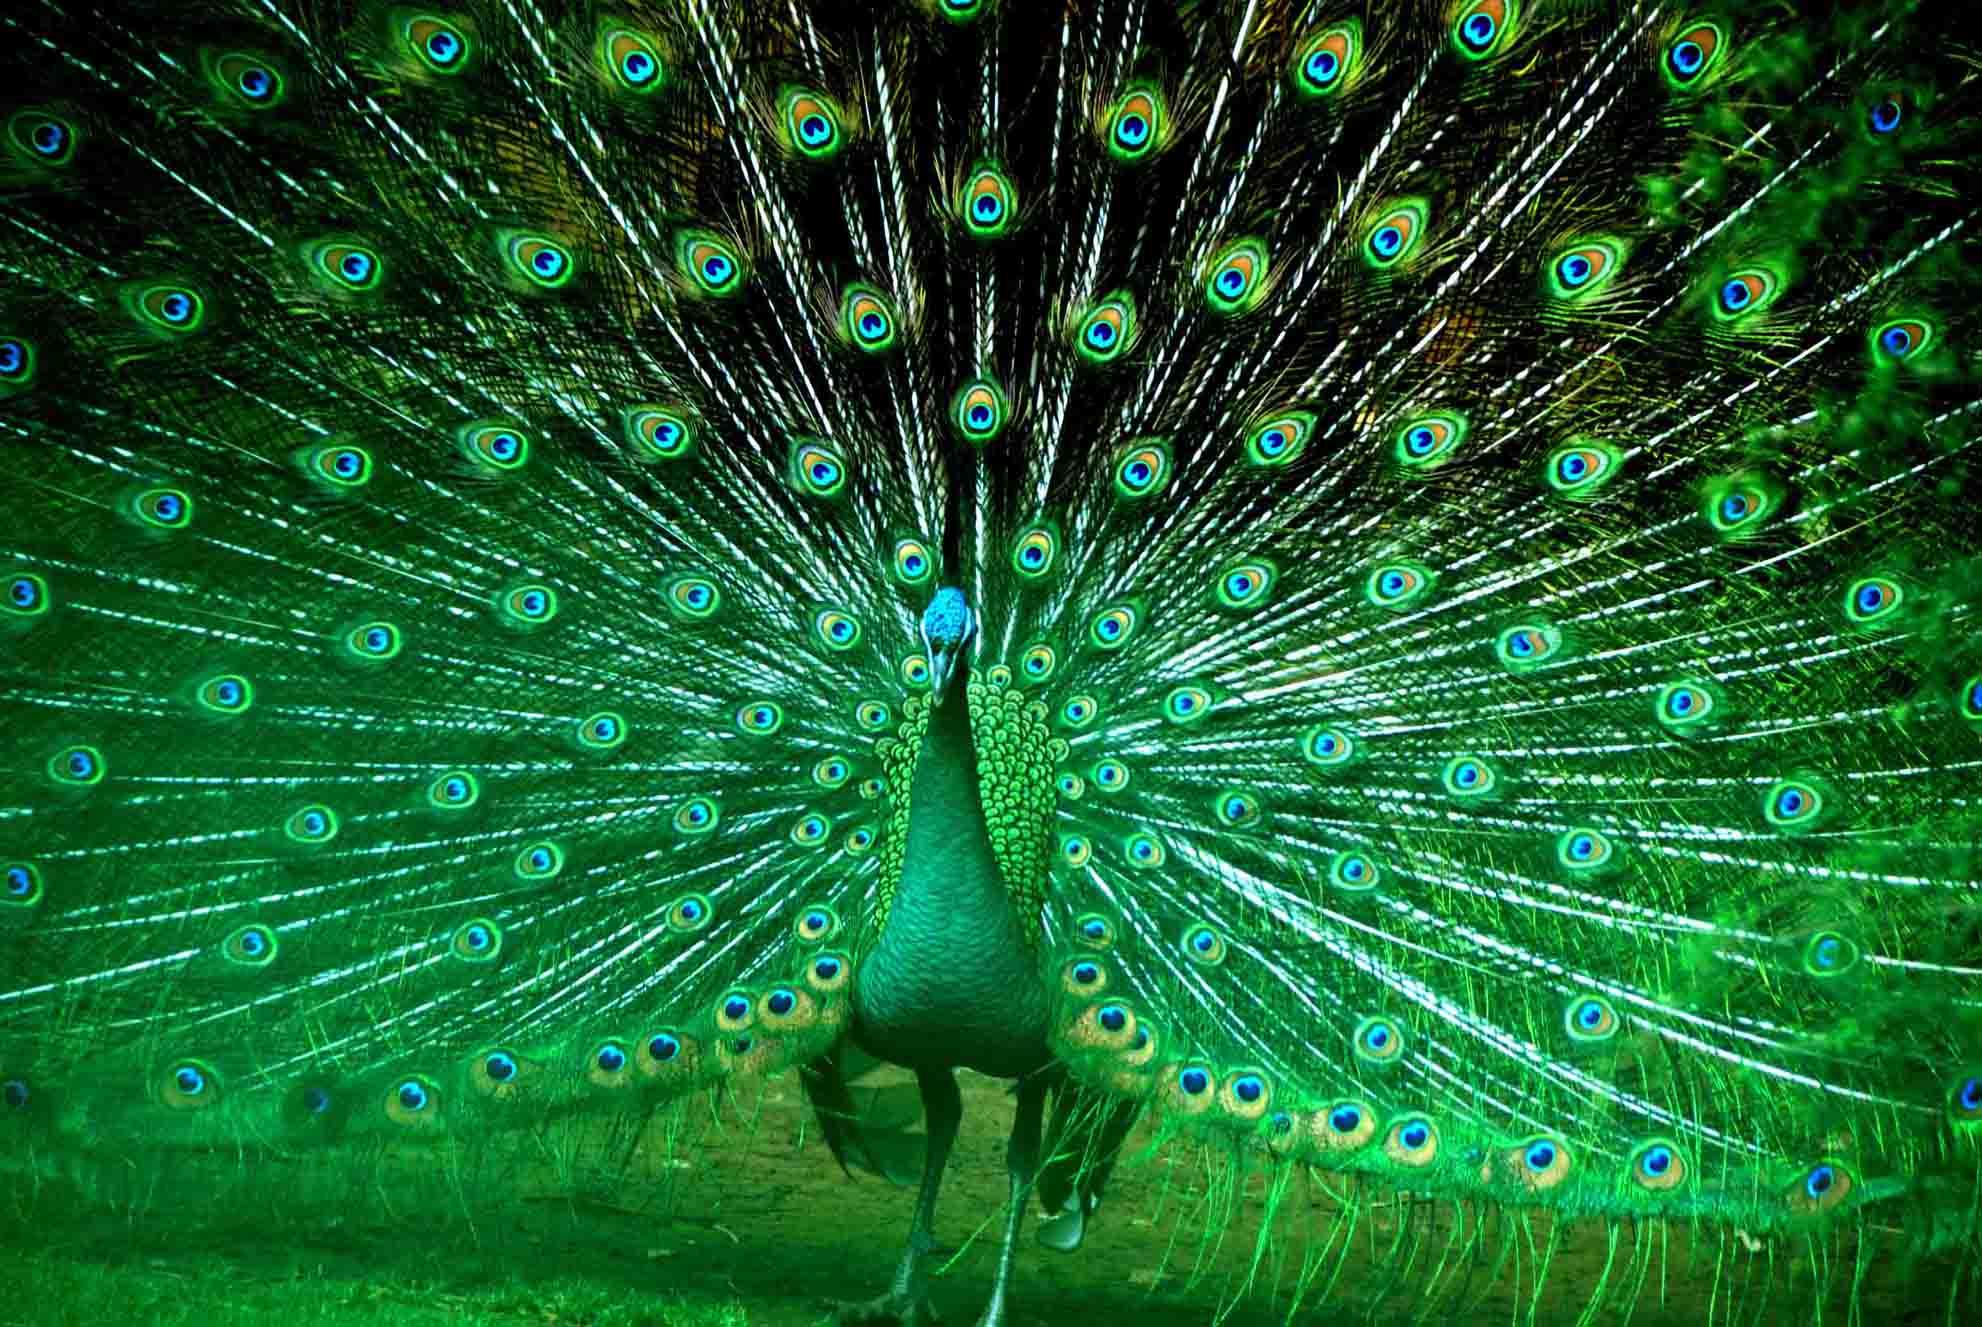 孔雀西南飞:灯光版的孔雀开屏,你见过吗